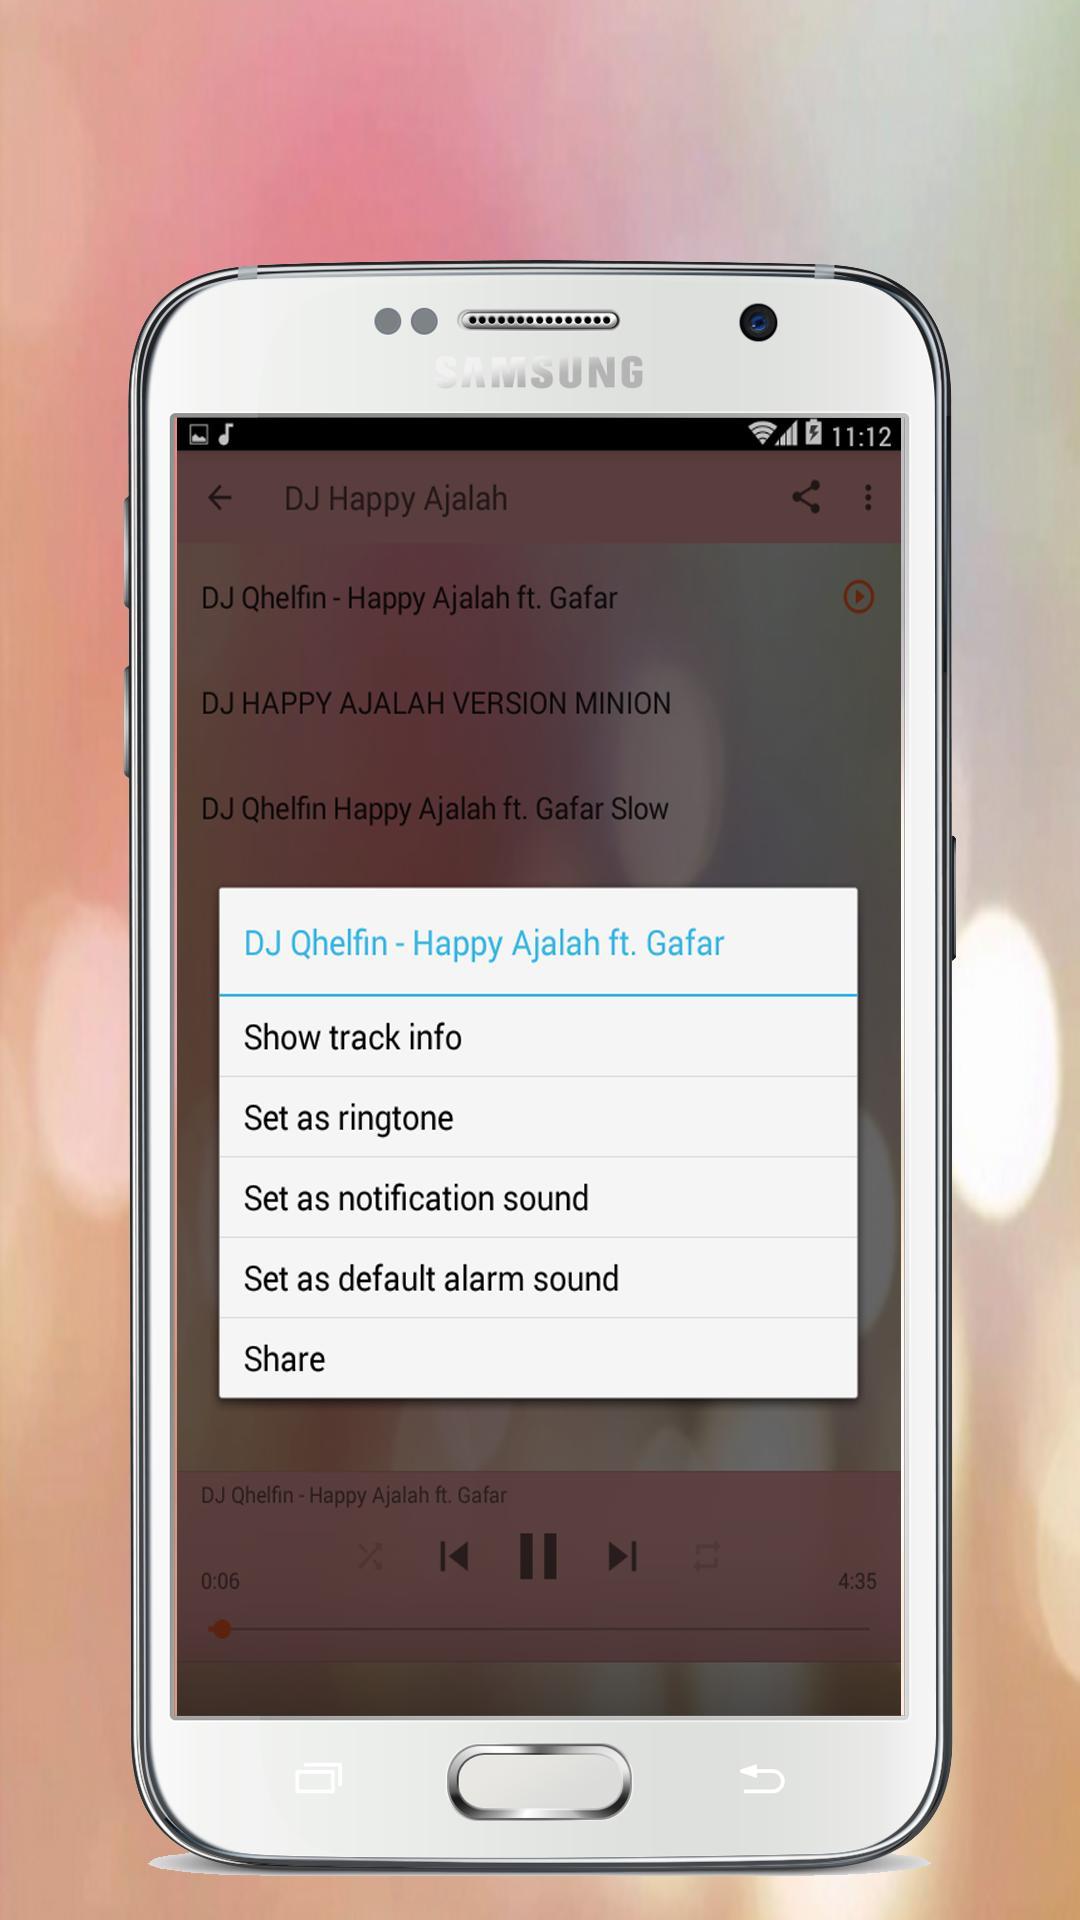 Lagu Dj Happy Ajalah Santai for Android - APK Download